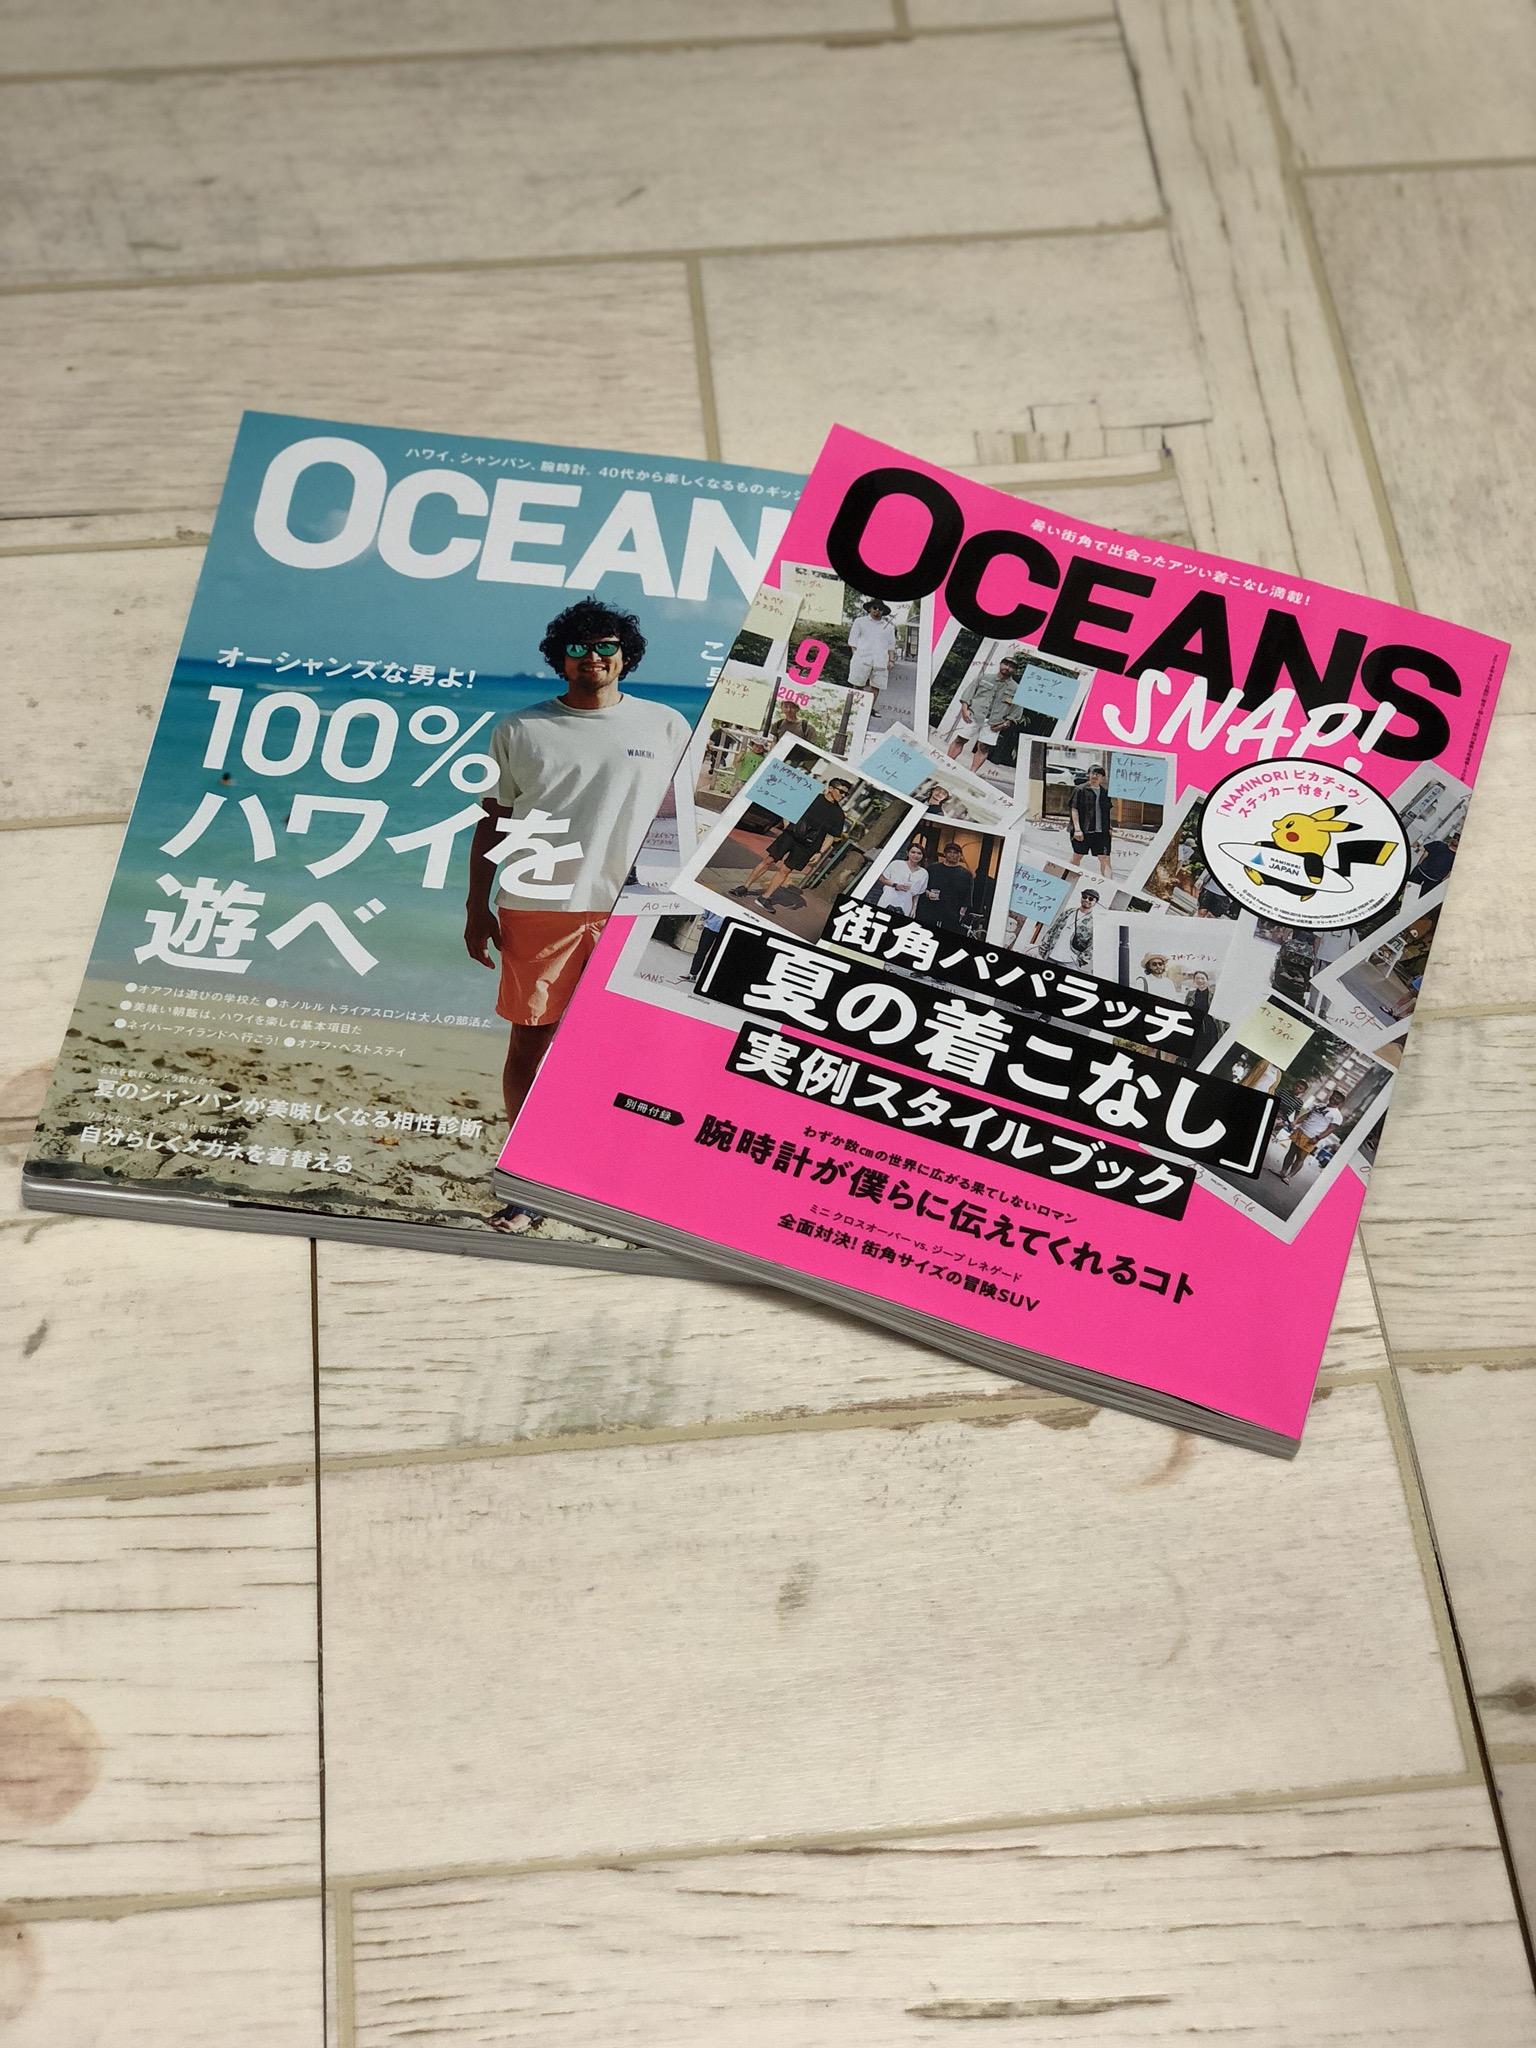 アラフォー男性がファッション雑誌「OCEANS」を参考にしたい理由